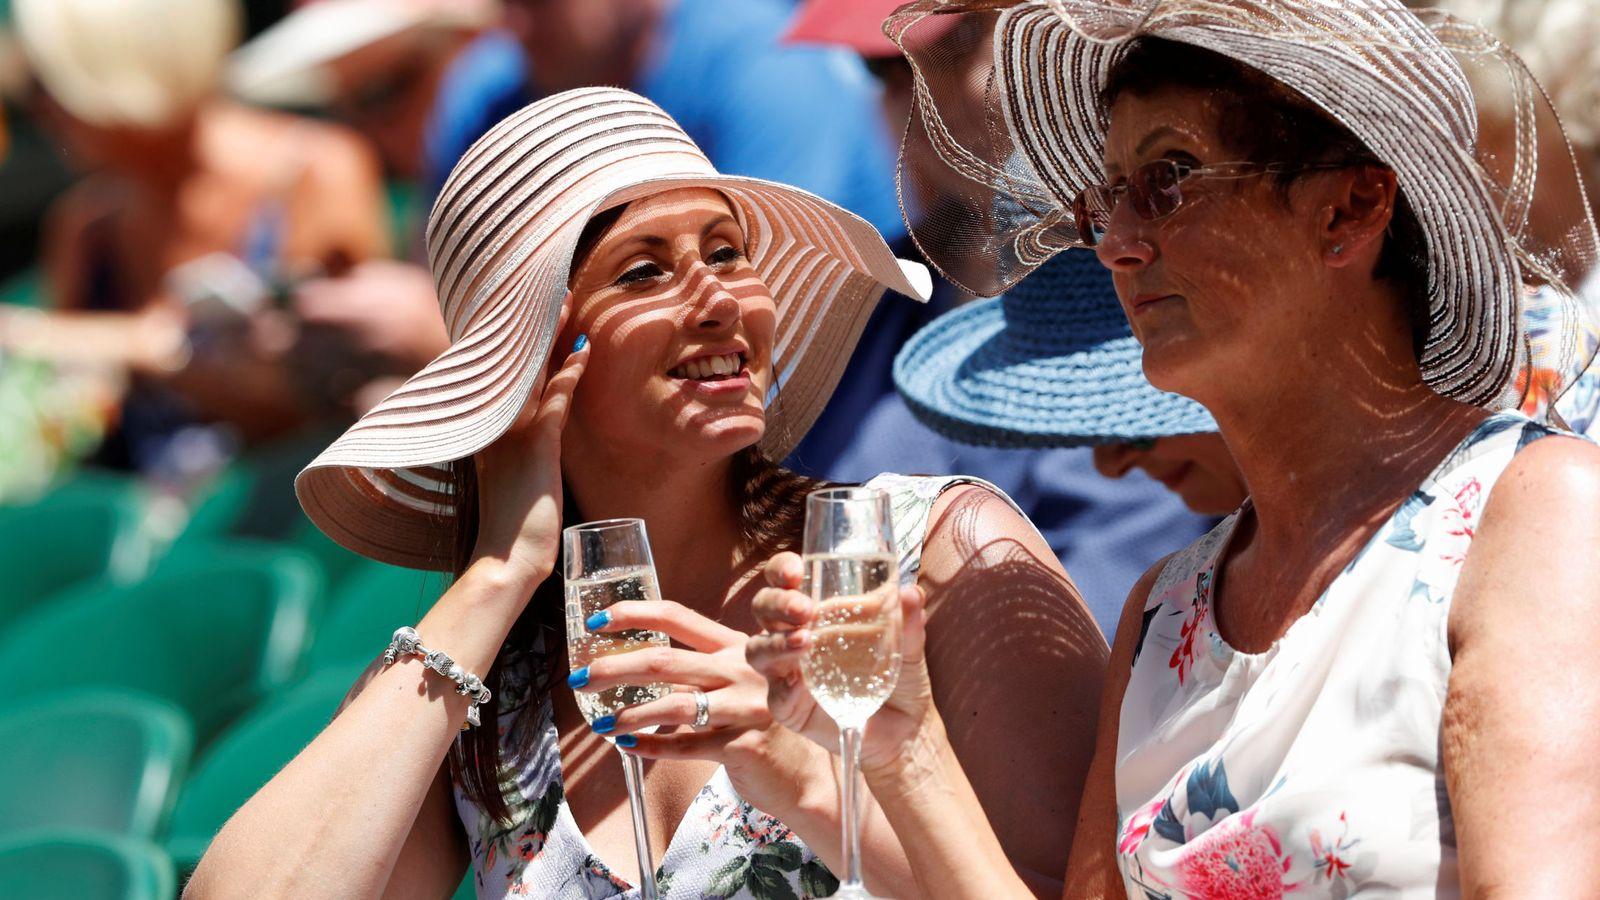 Foto: La creadora de la dieta del champán asegura que las burbujas son todo un estilo de vida (Reuters/Andrew Boyers)